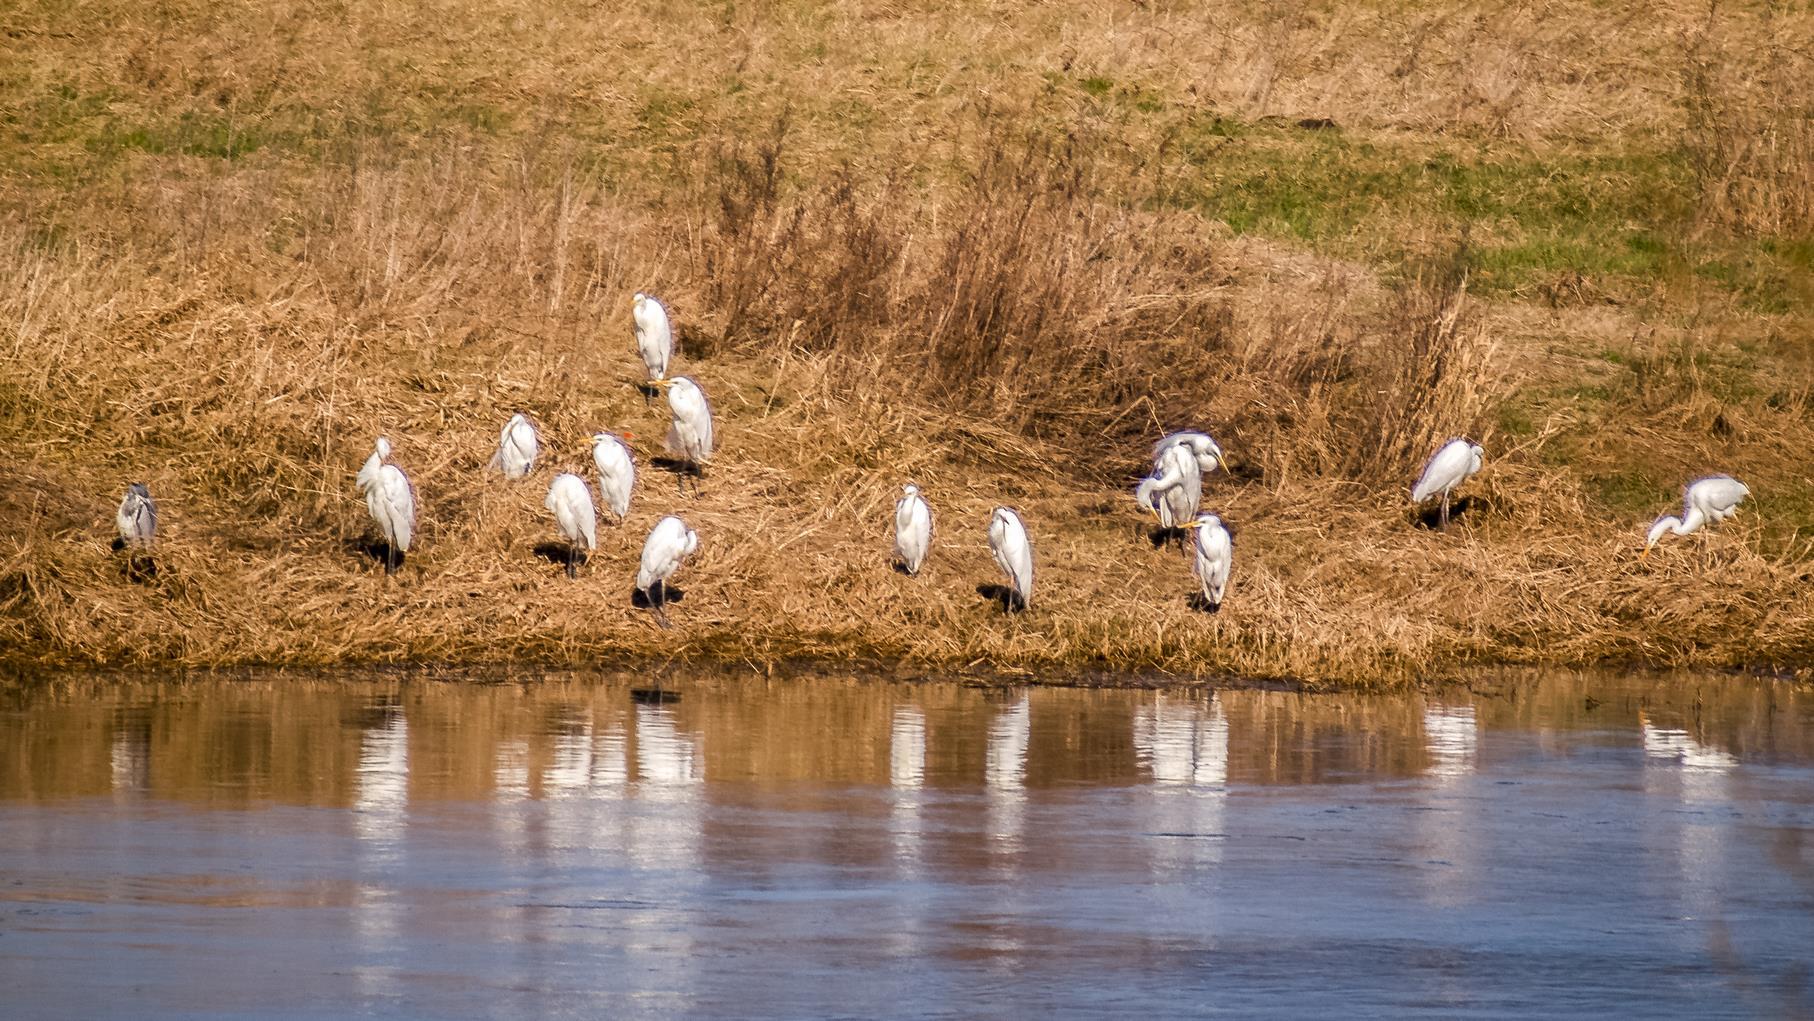 Eine Gruppe Silberreiher am Weserufer neben der Auenlandschaft.